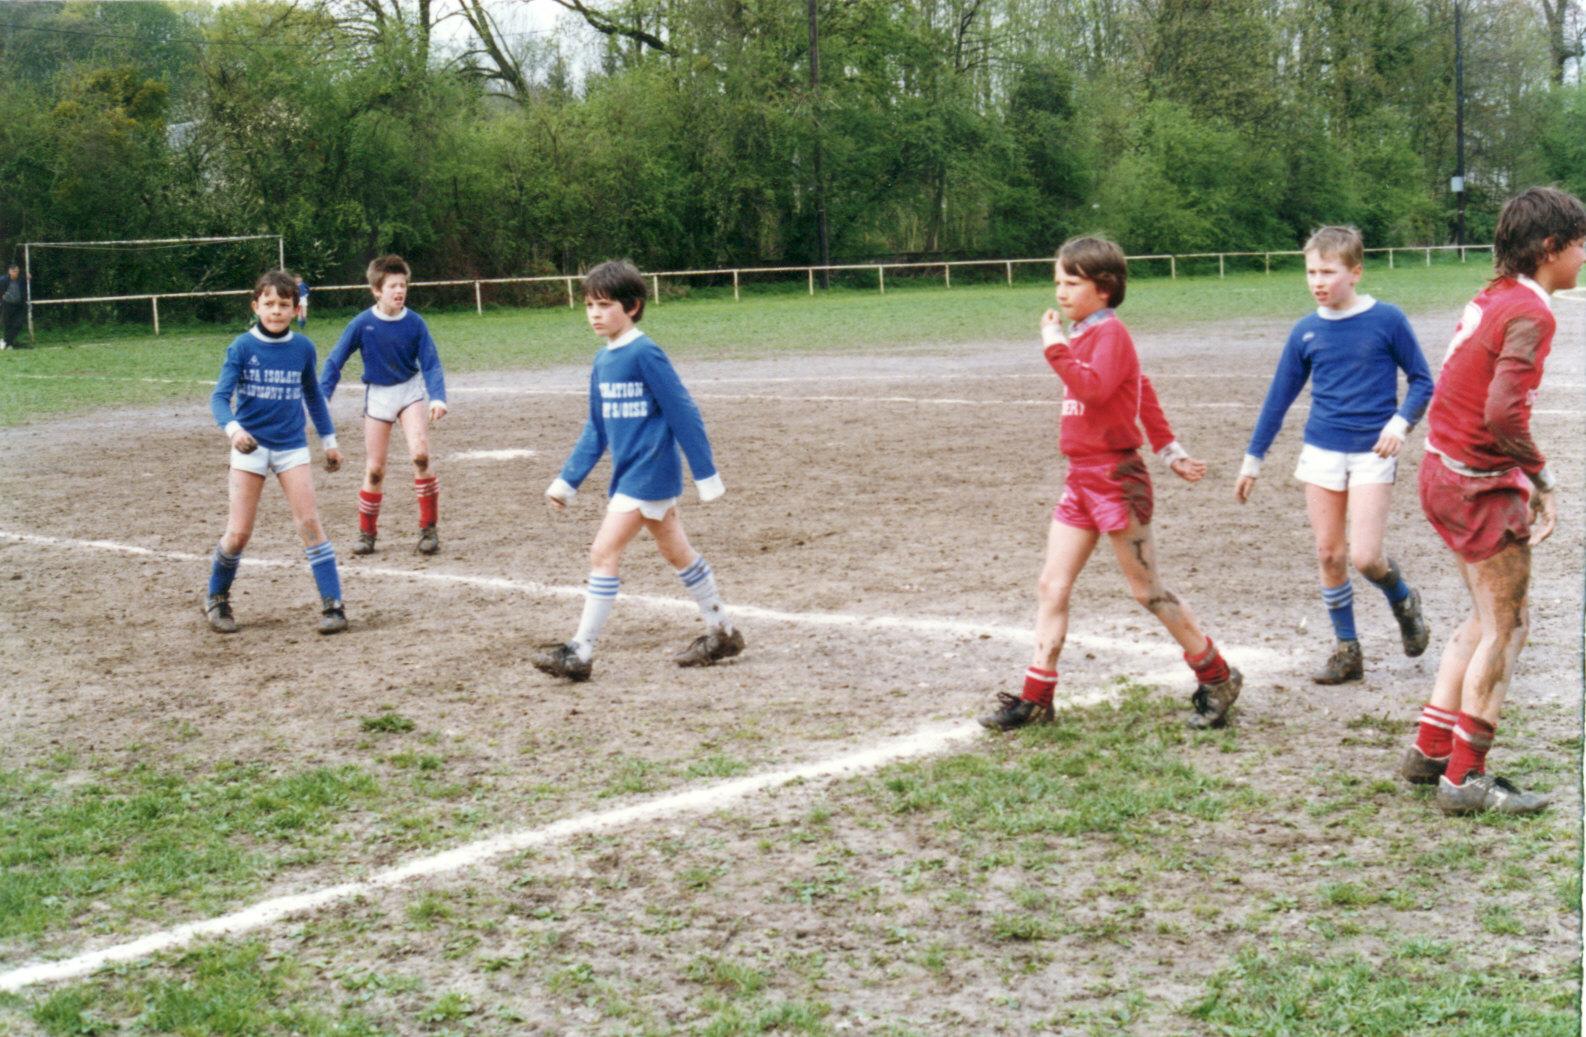 terrain n°2 en 1986